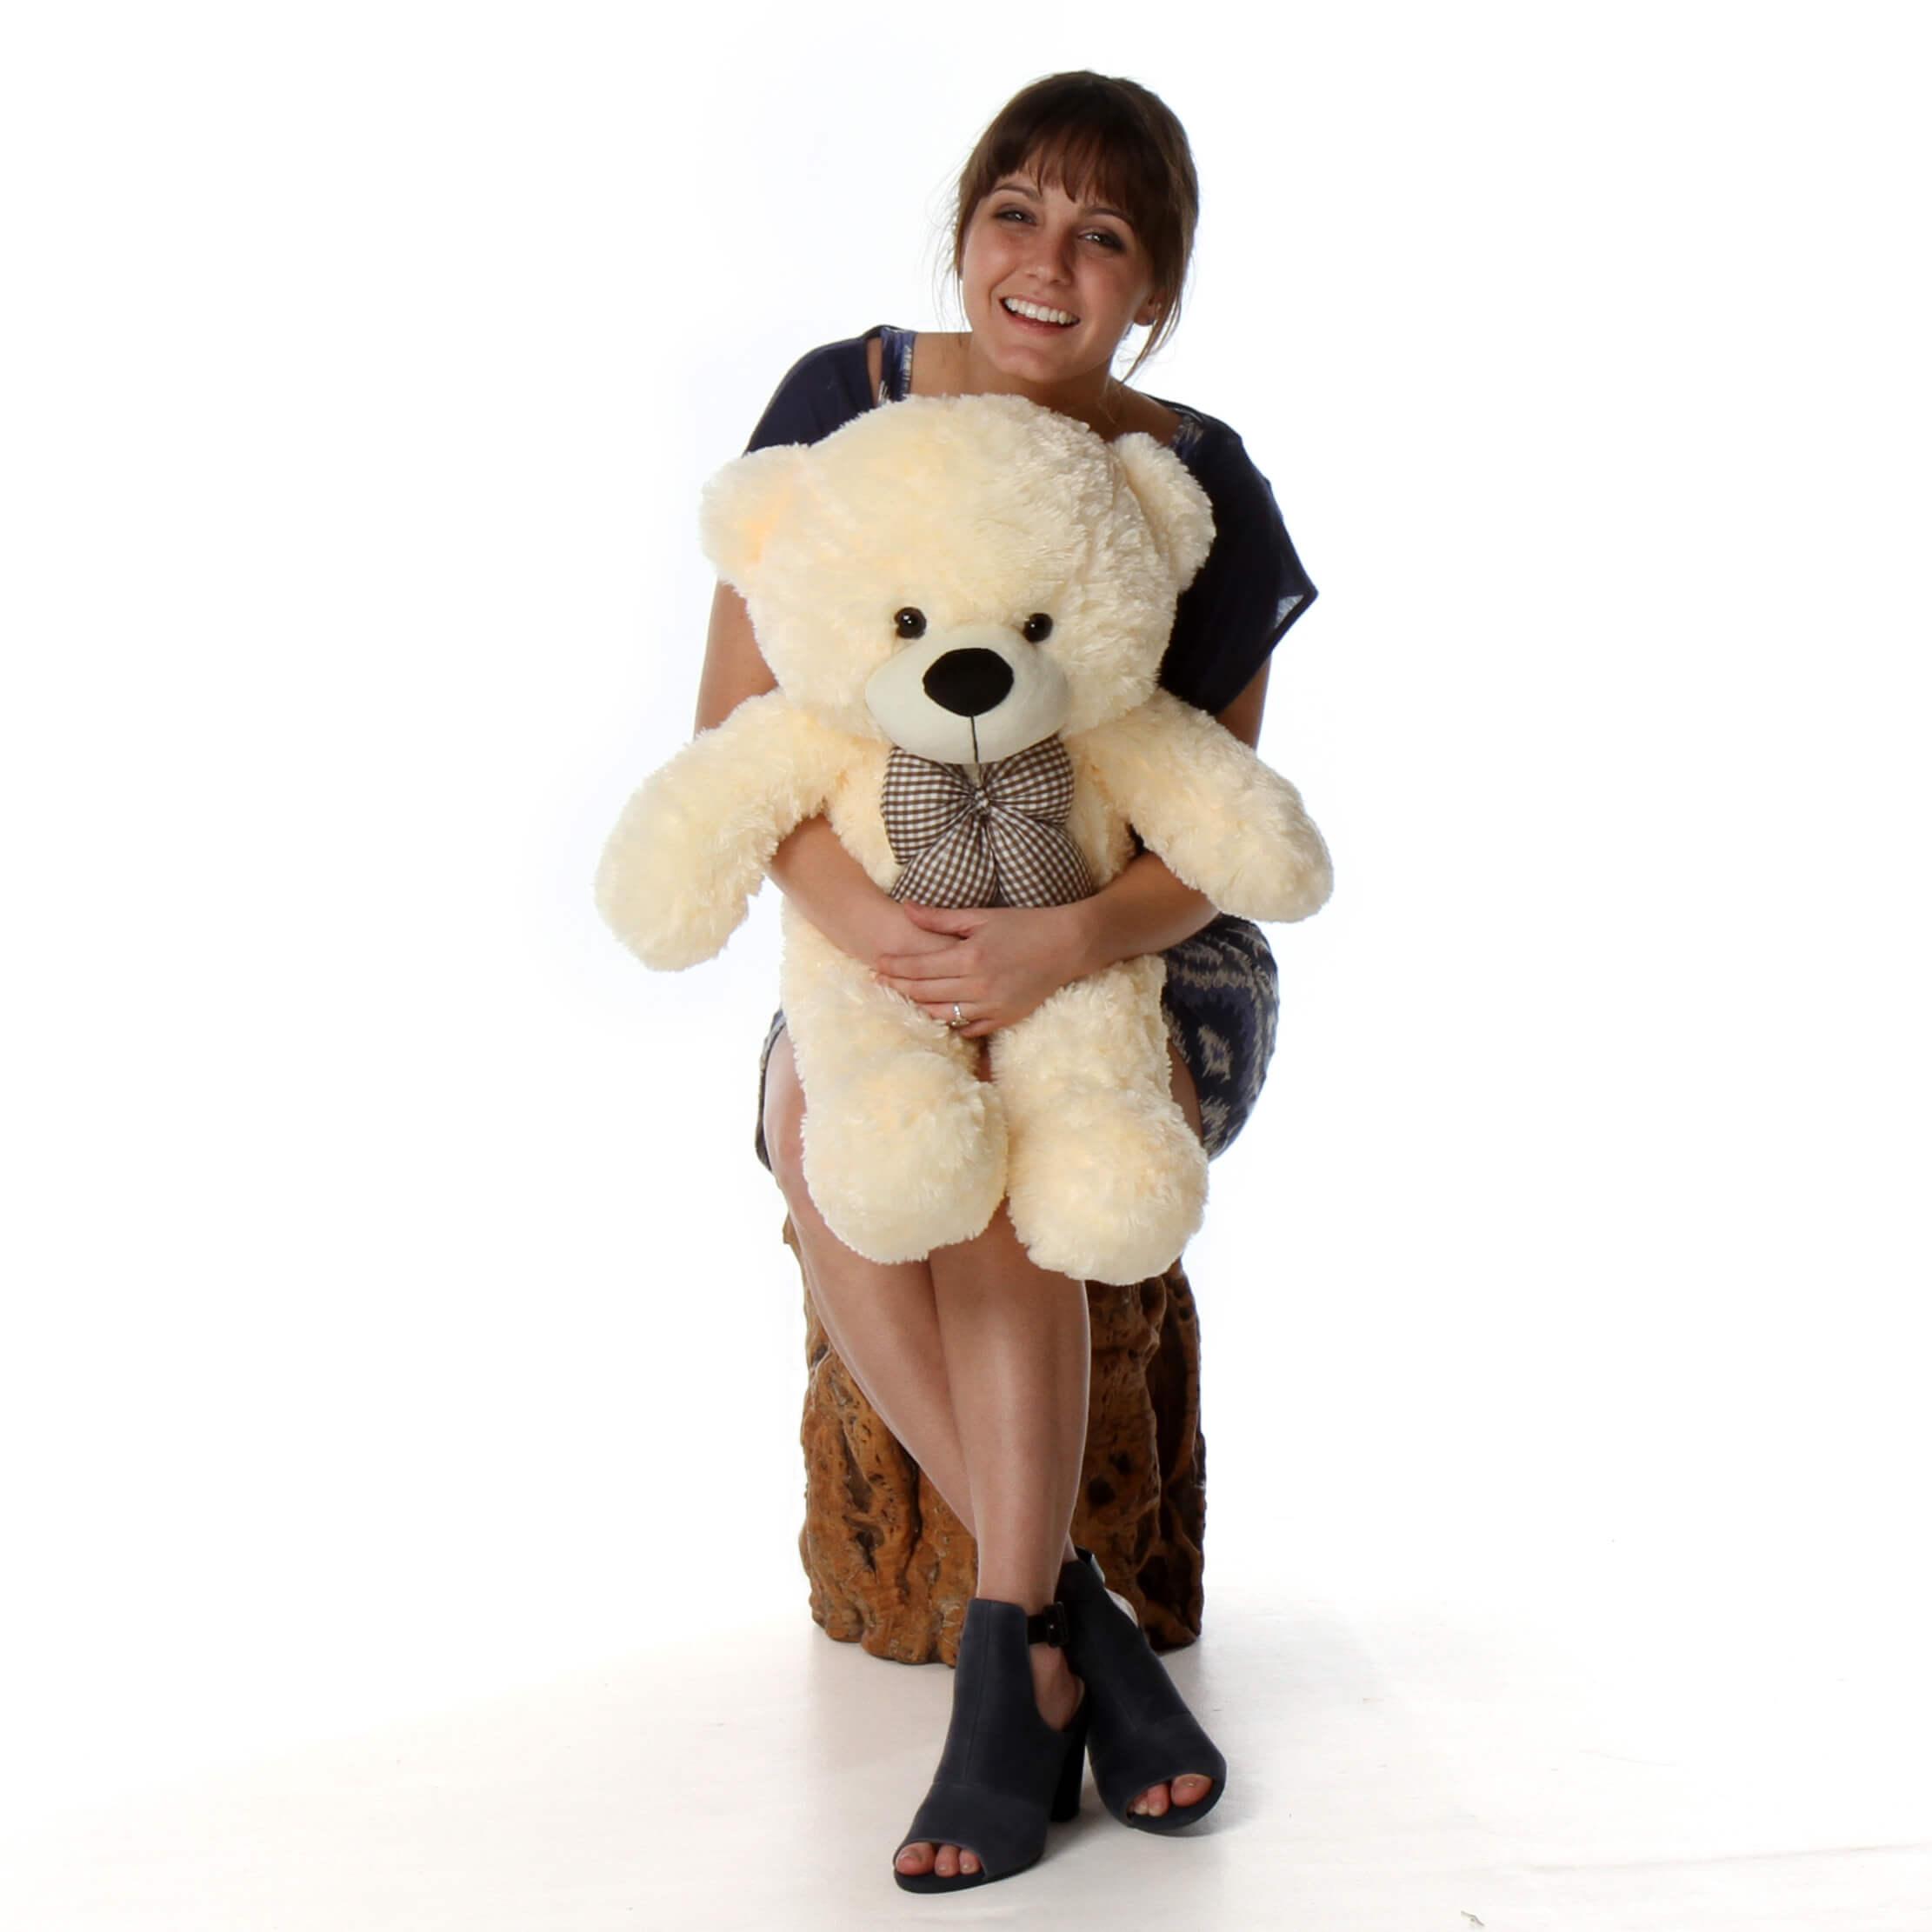 oversized-big-30in-teddy-bear-luscious-soft-cream-fur-cozy-cuddles-1.jpg